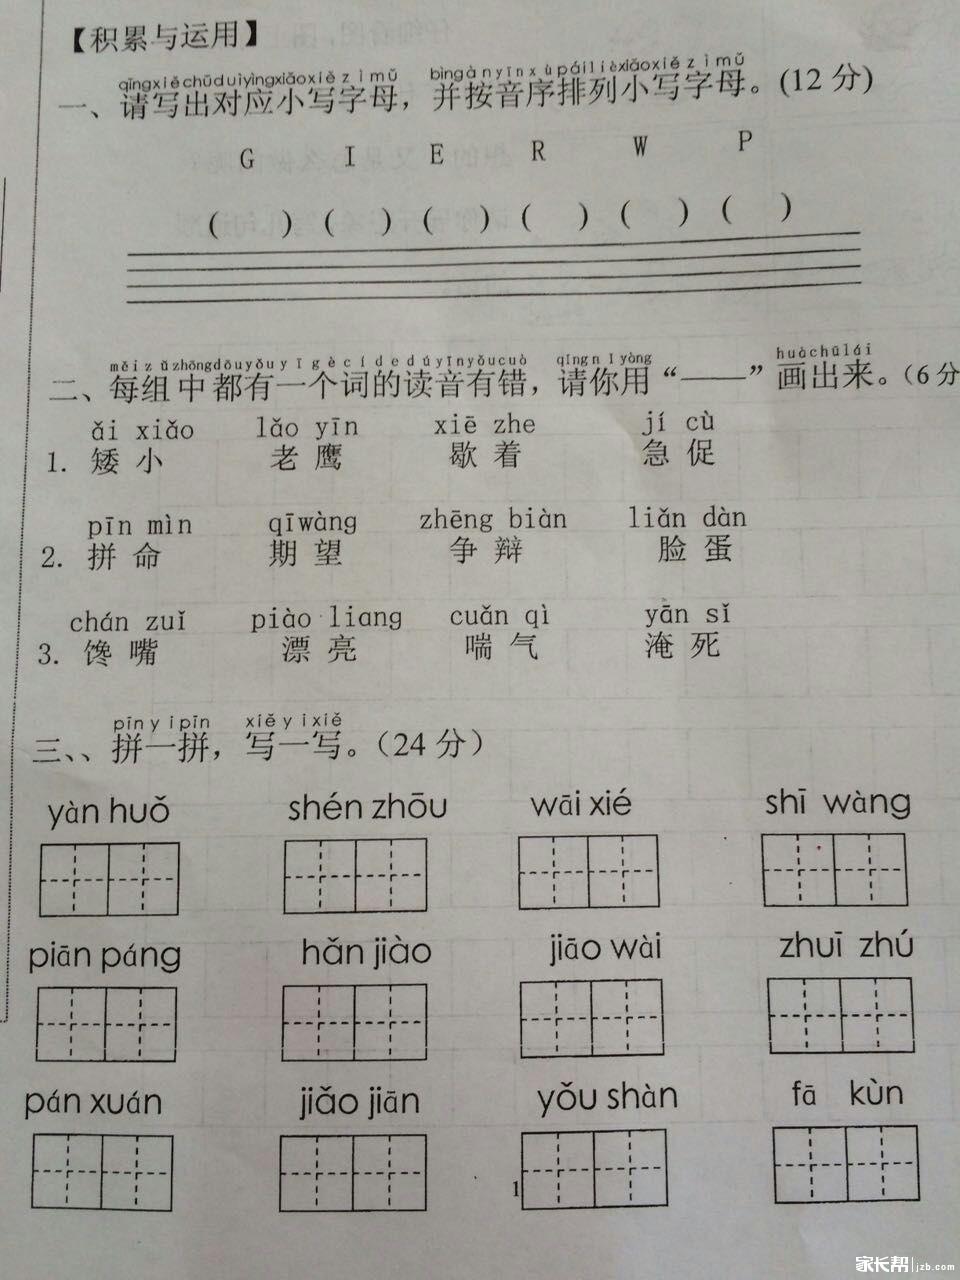 南外仙林分校期中考试二年级语文试卷图片